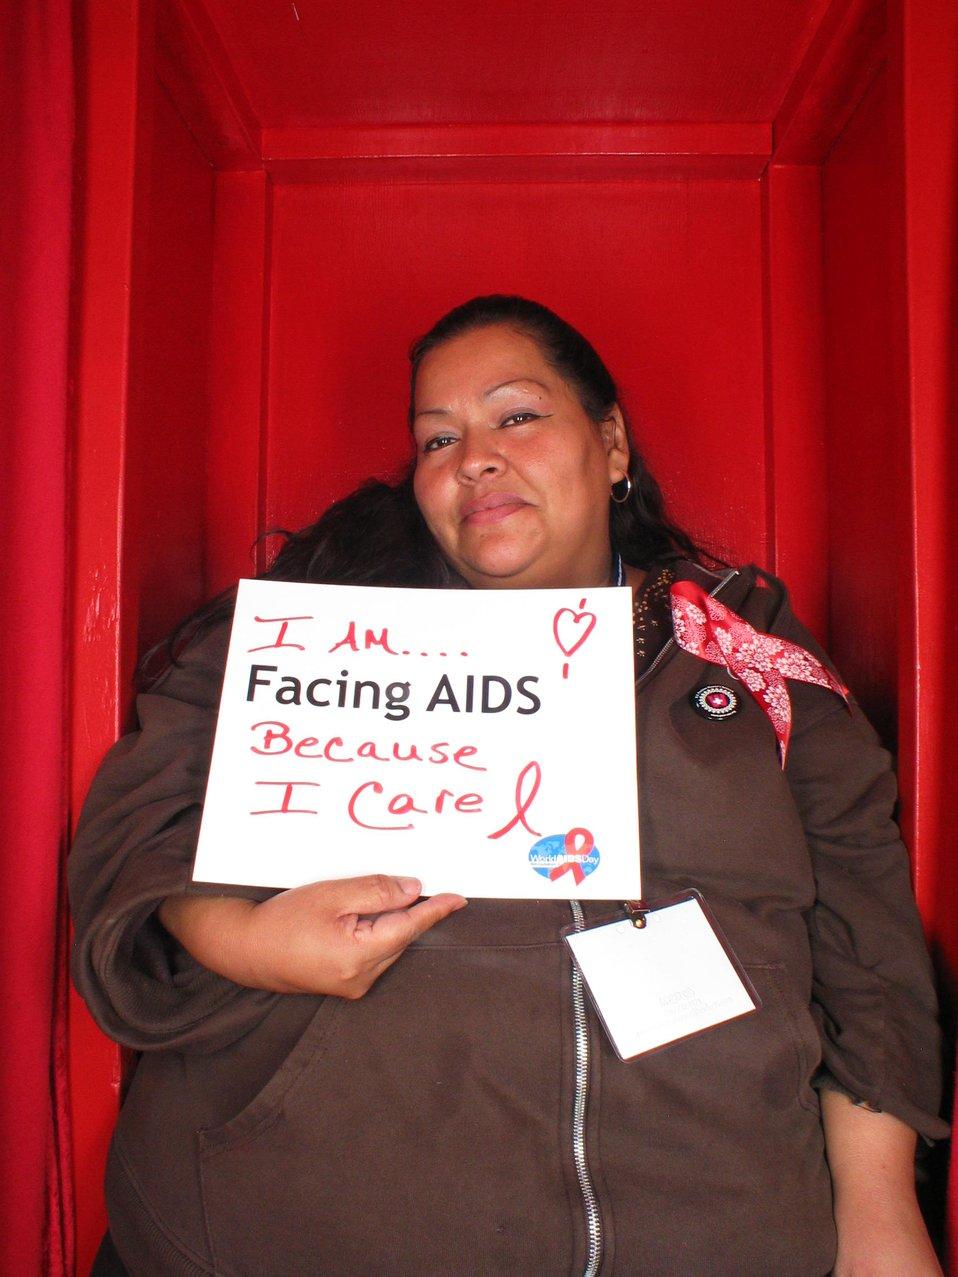 I am Facing AIDS because I care.